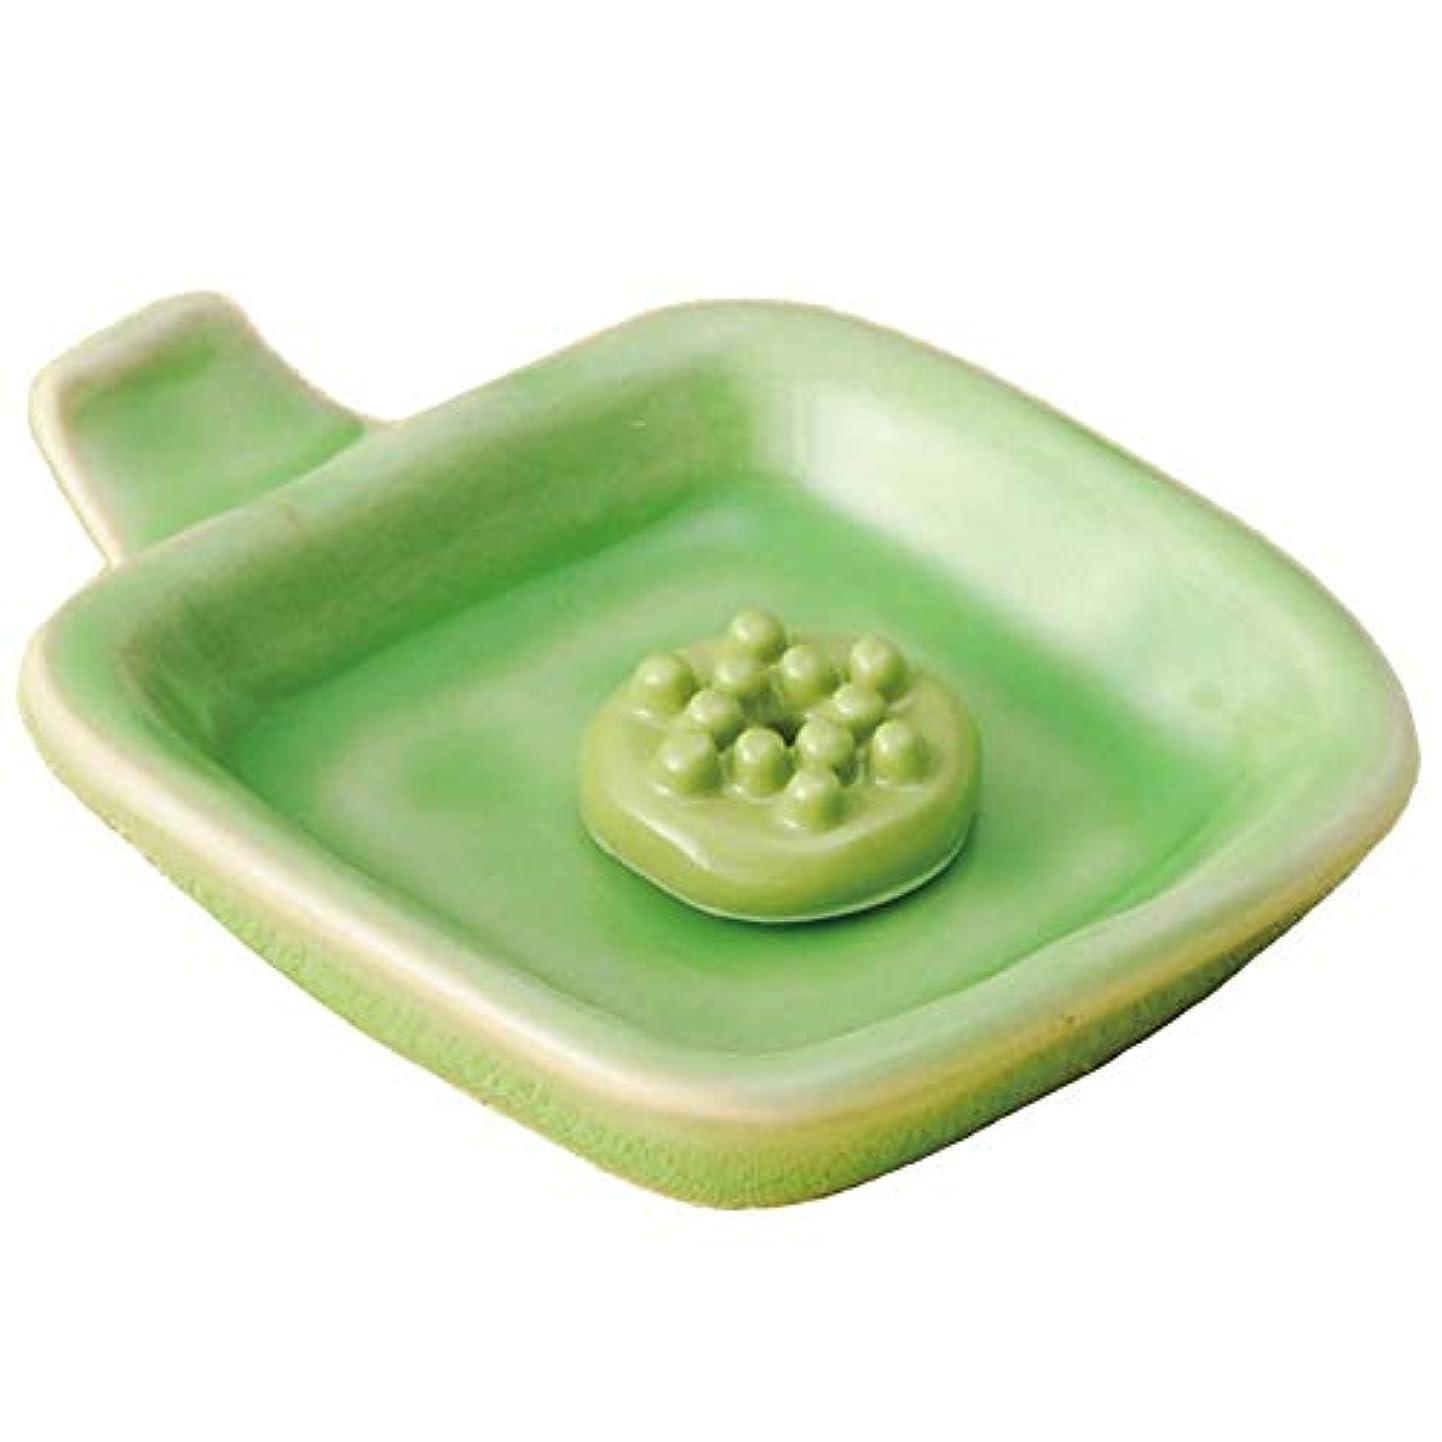 簡略化する緑早める香皿 香立て/手付 角香皿 緑(香玉付) /香り アロマ 癒やし リラックス インテリア プレゼント 贈り物